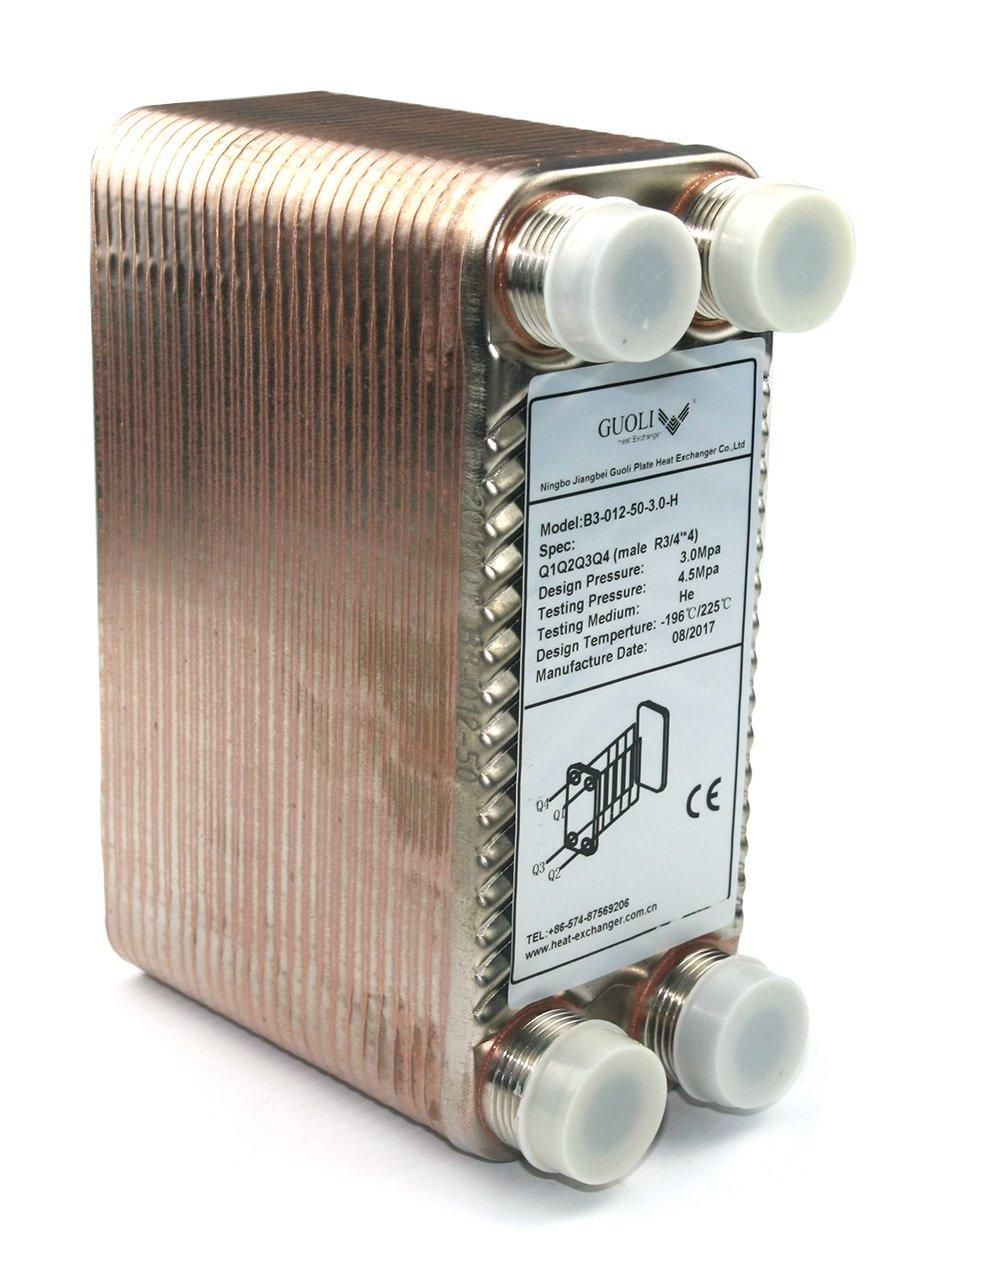 Scambiatore di calore a piastre saldobrasate a 50 piastre e raffreddatore a mosto, 50 piastre Refrigeratore a spina di mosto R 3/4'X 4 50 piastre Refrigeratore a spina di mosto R 3/4X 4 GUOLI B3-012-50-Model